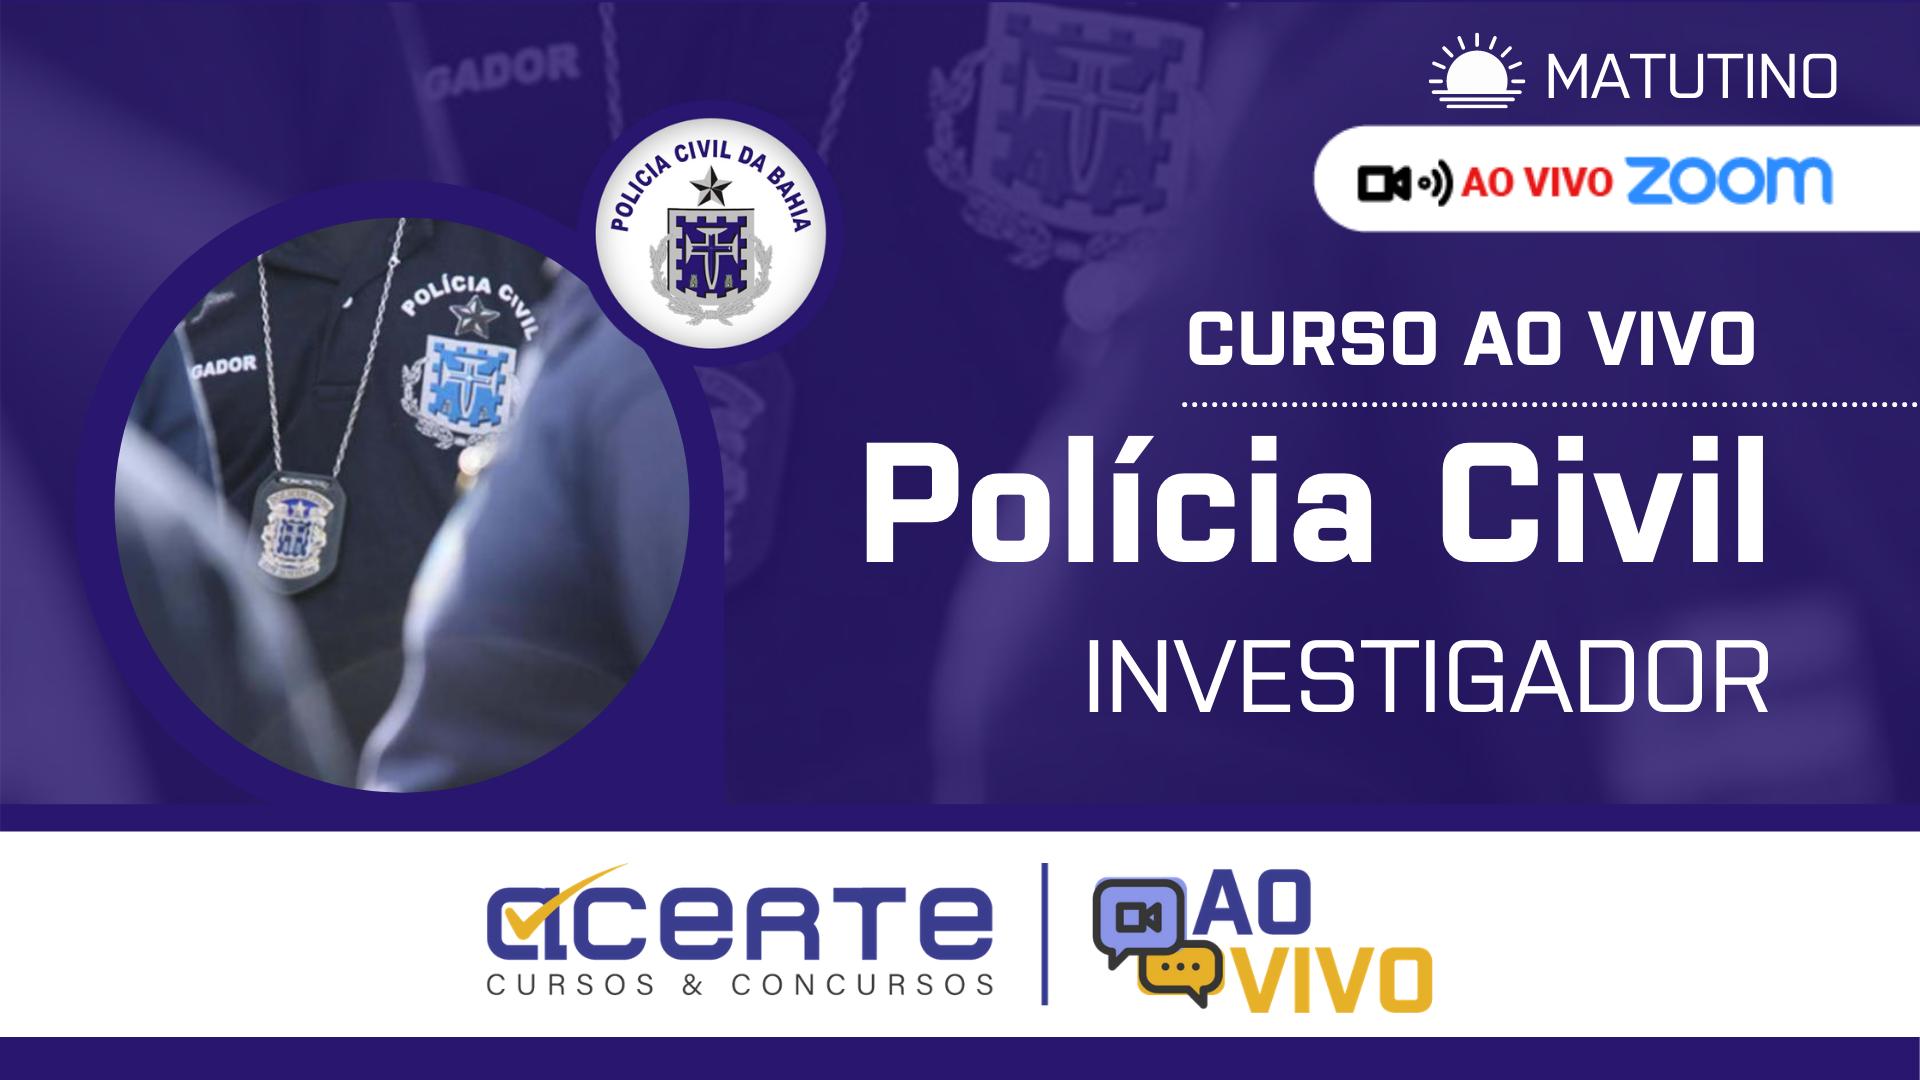 Polícia Civil - PC - Investigador AO VIVO - Matutino